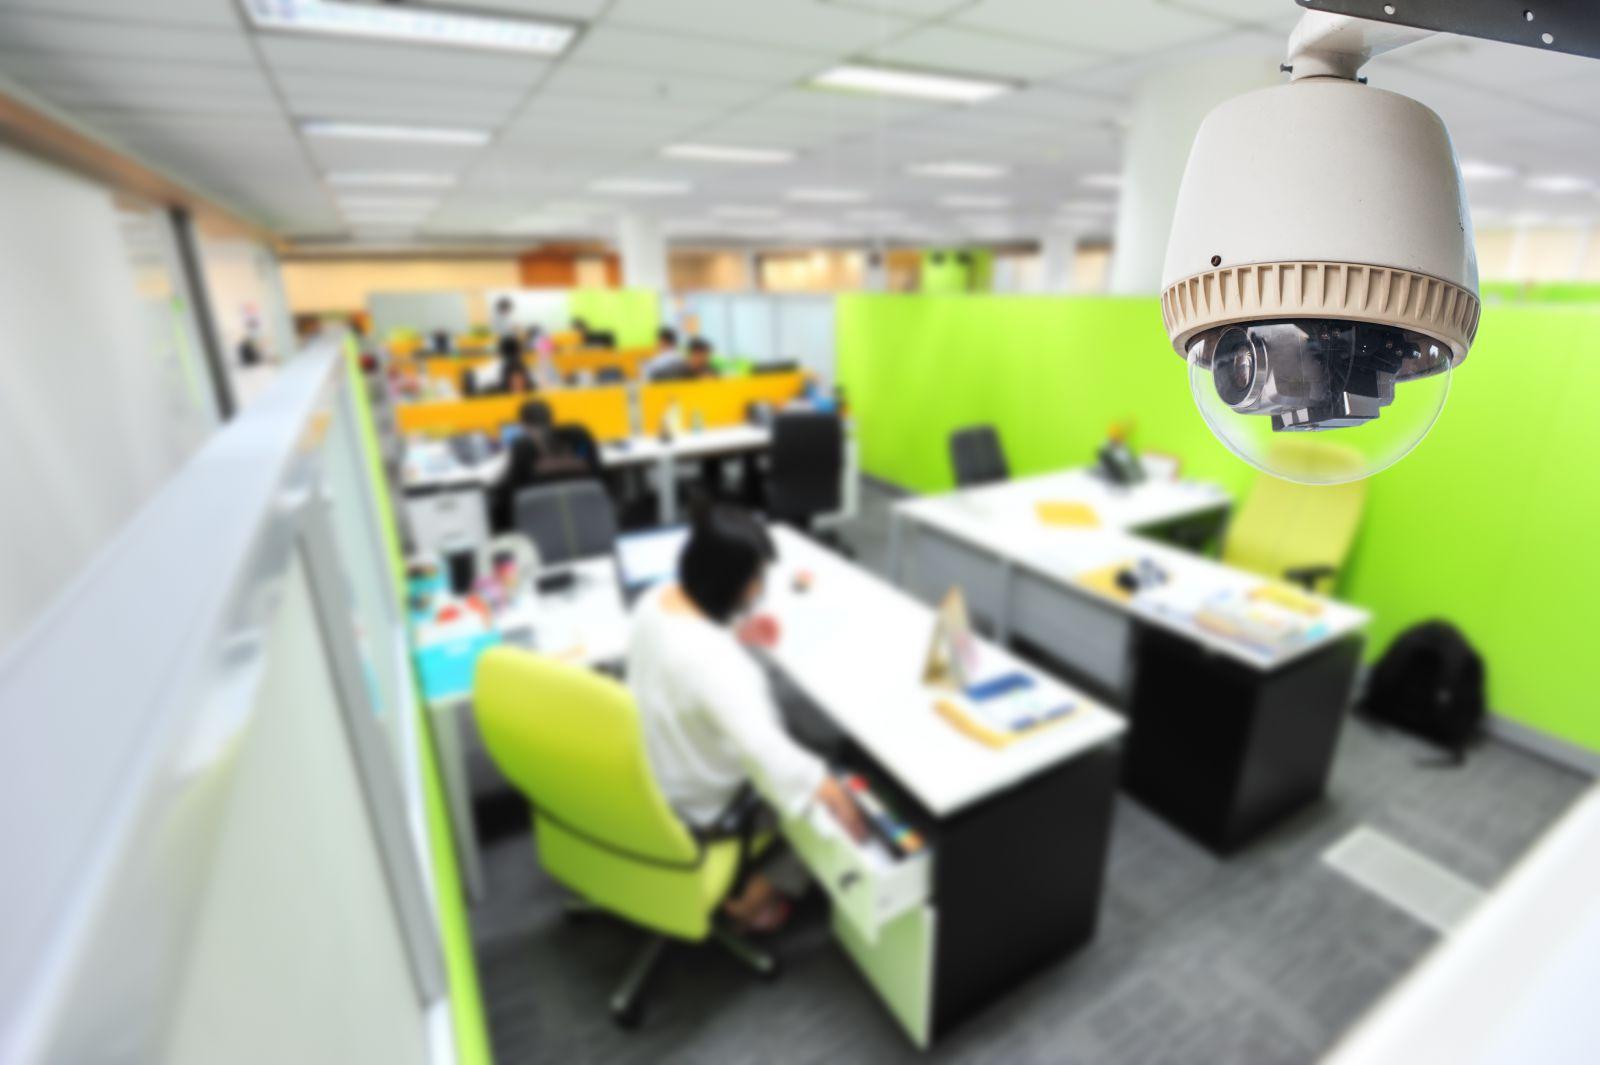 Как узнать IP-адрес камеры видеонаблюдения и изменить его